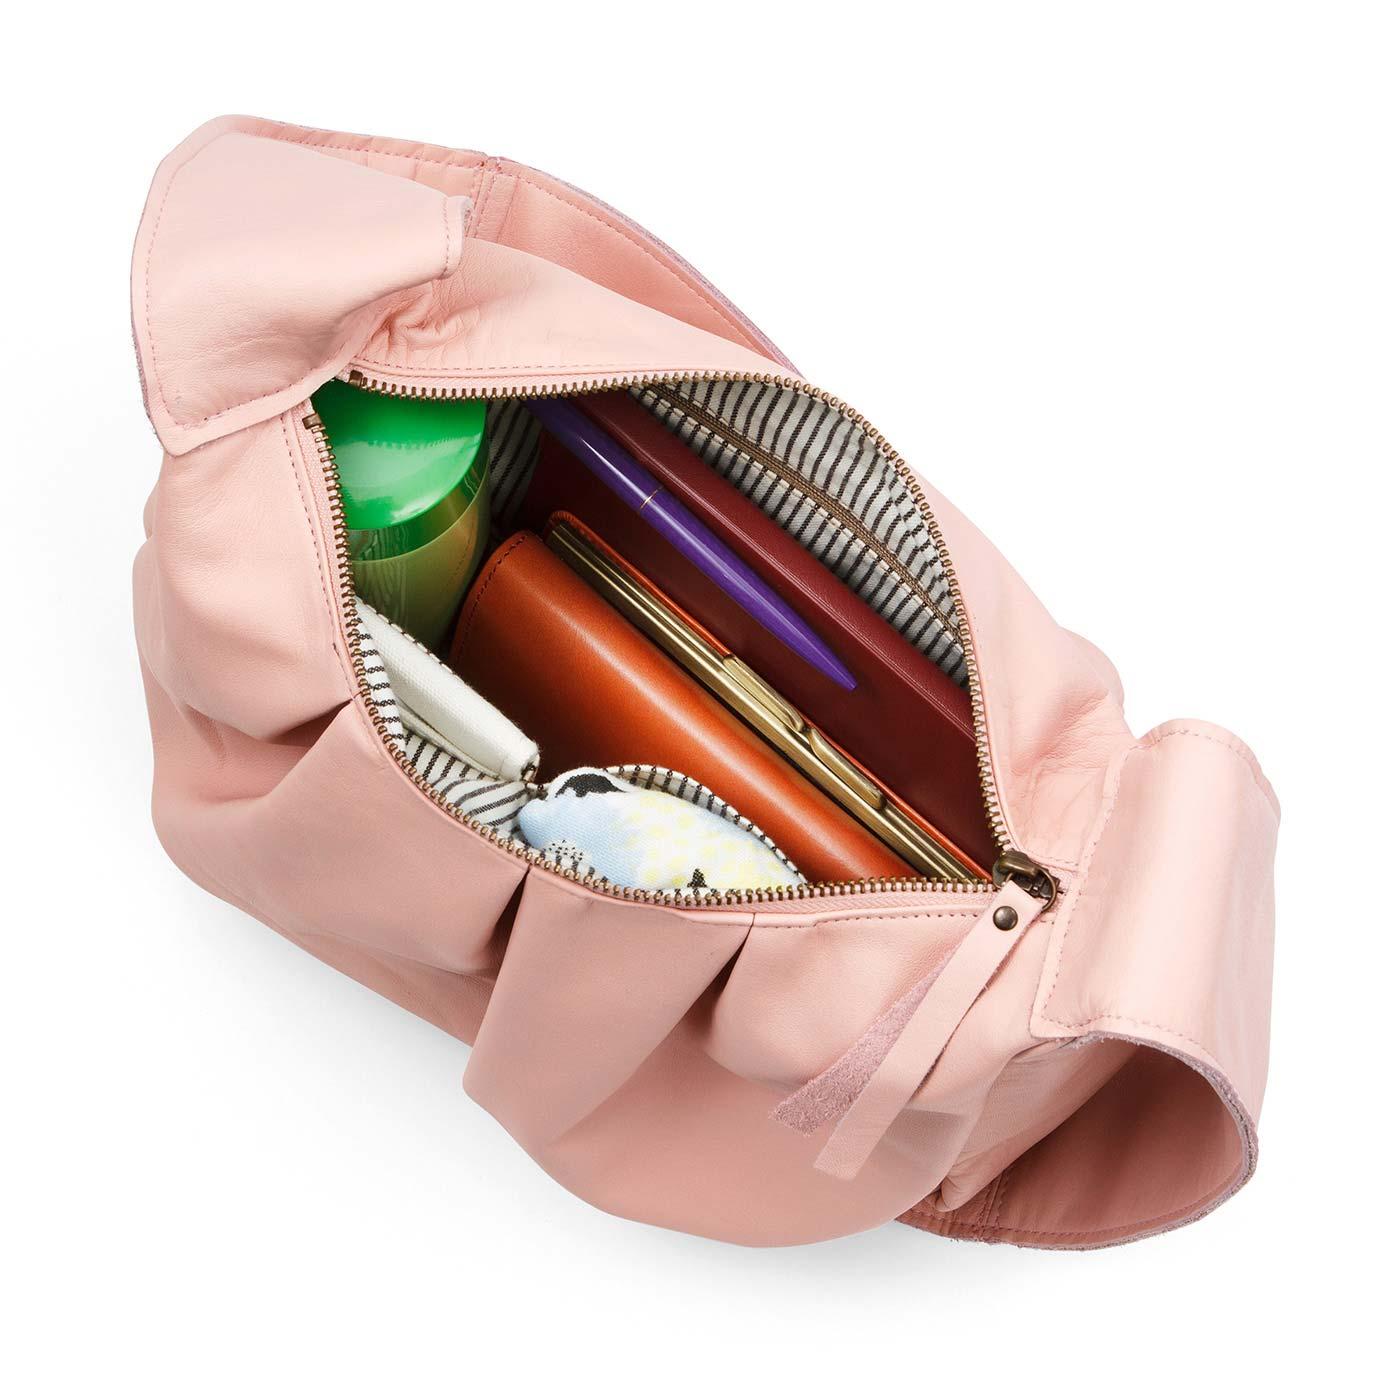 内生地はおしゃれなストライプ。小物の整理に便利な内ポケットは3個。